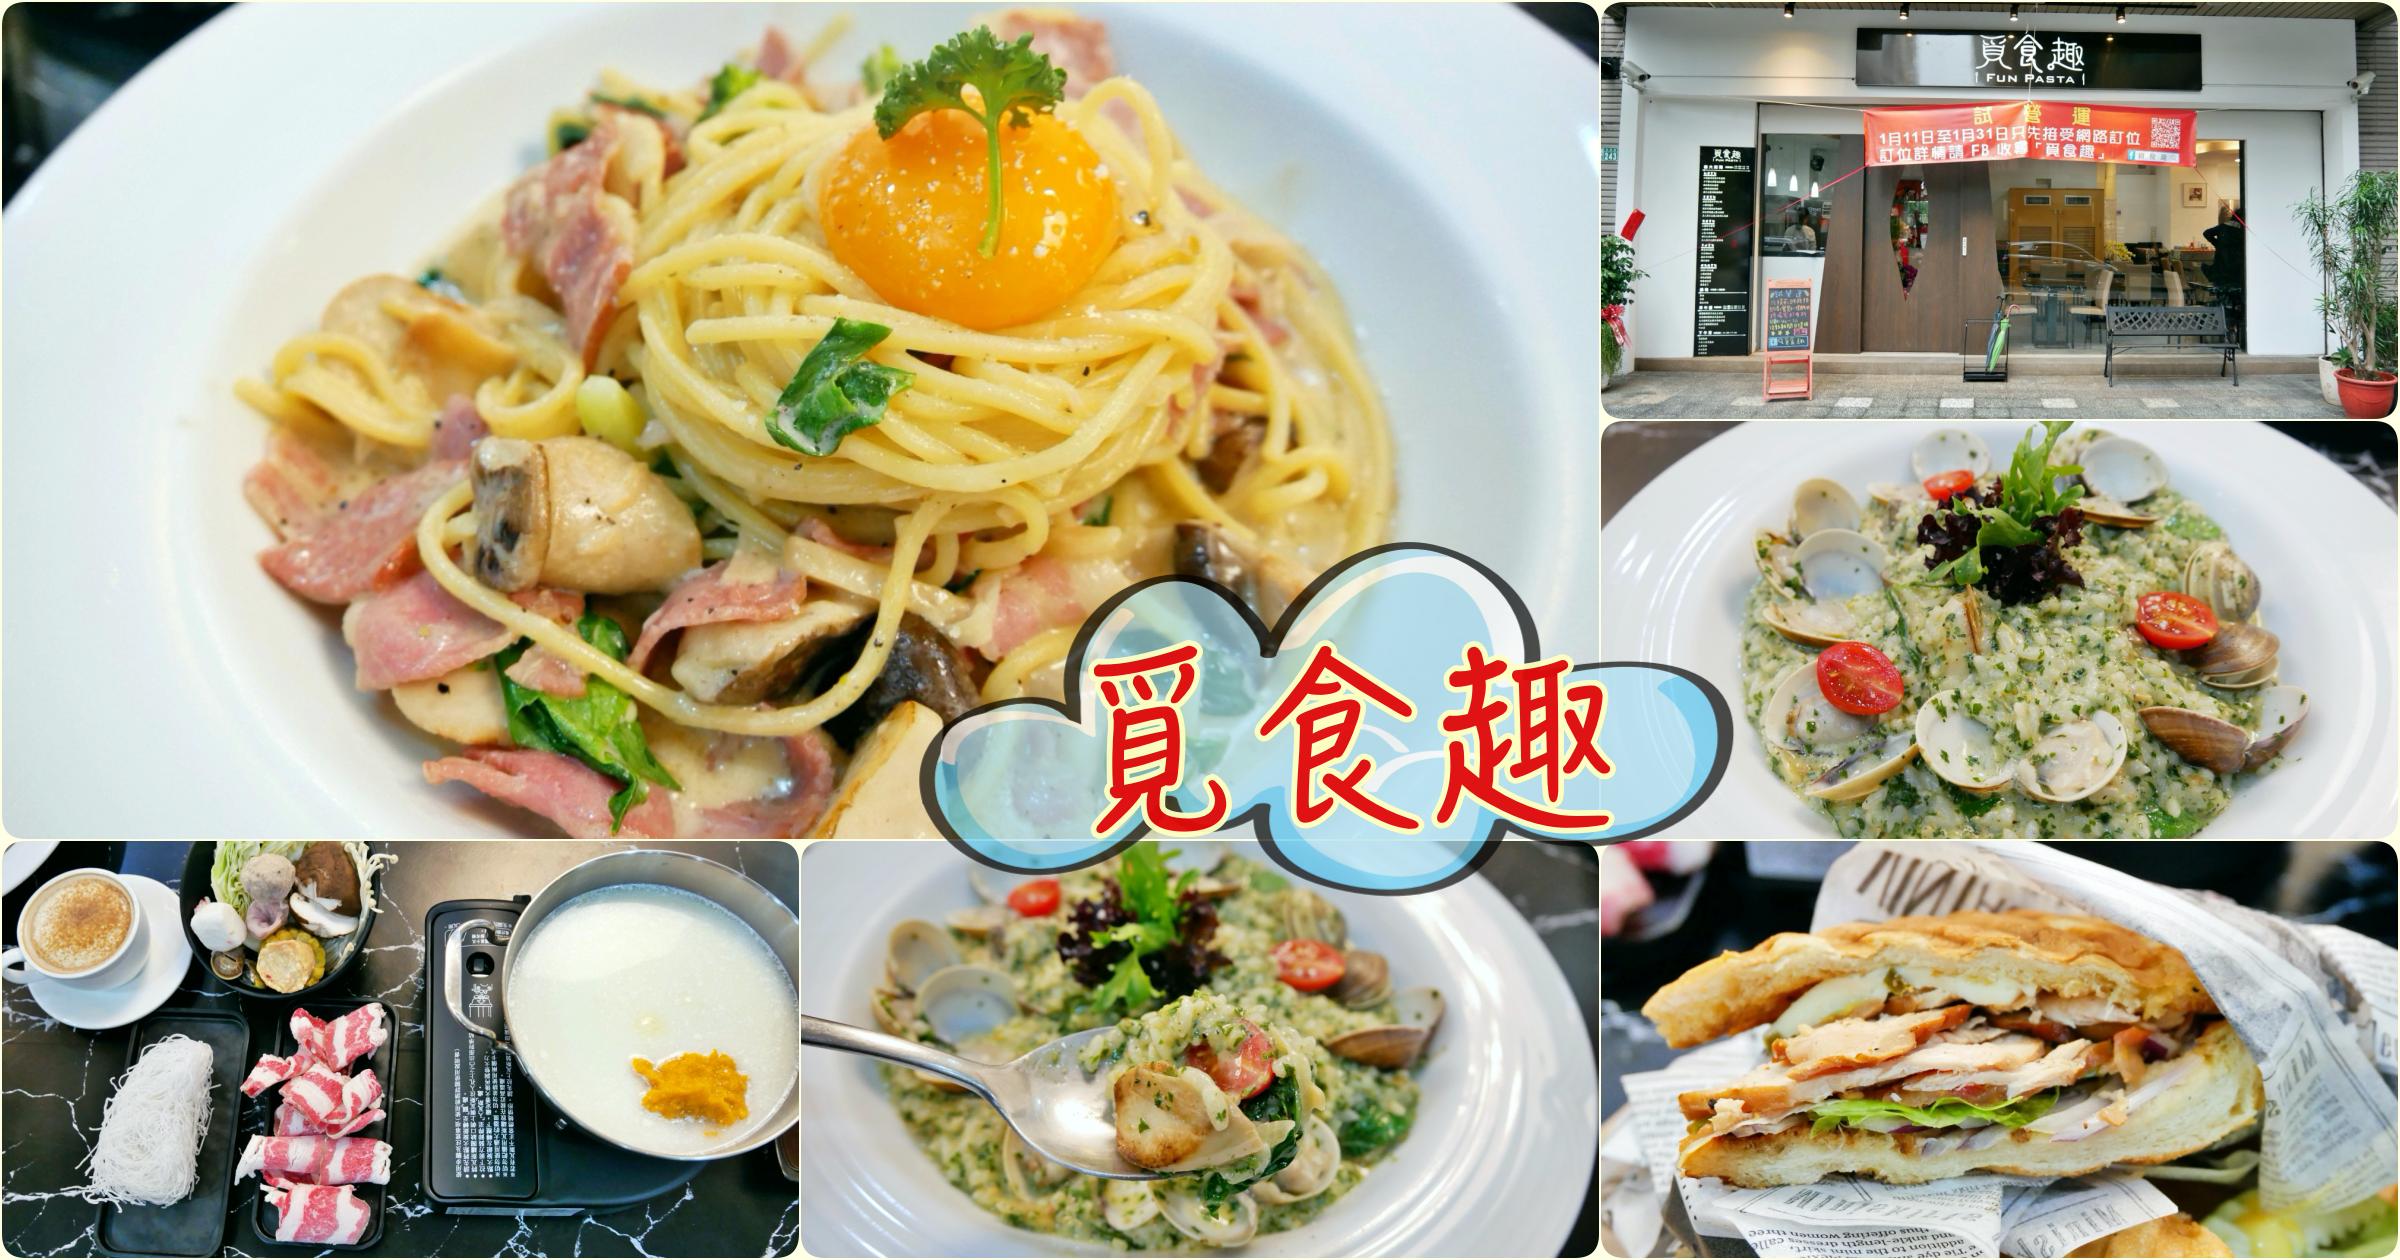 網站近期文章:[桃園美食]覓食趣|桃園武陵高中附近新開餐廳~不定時推出優惠活動.餐點選擇多